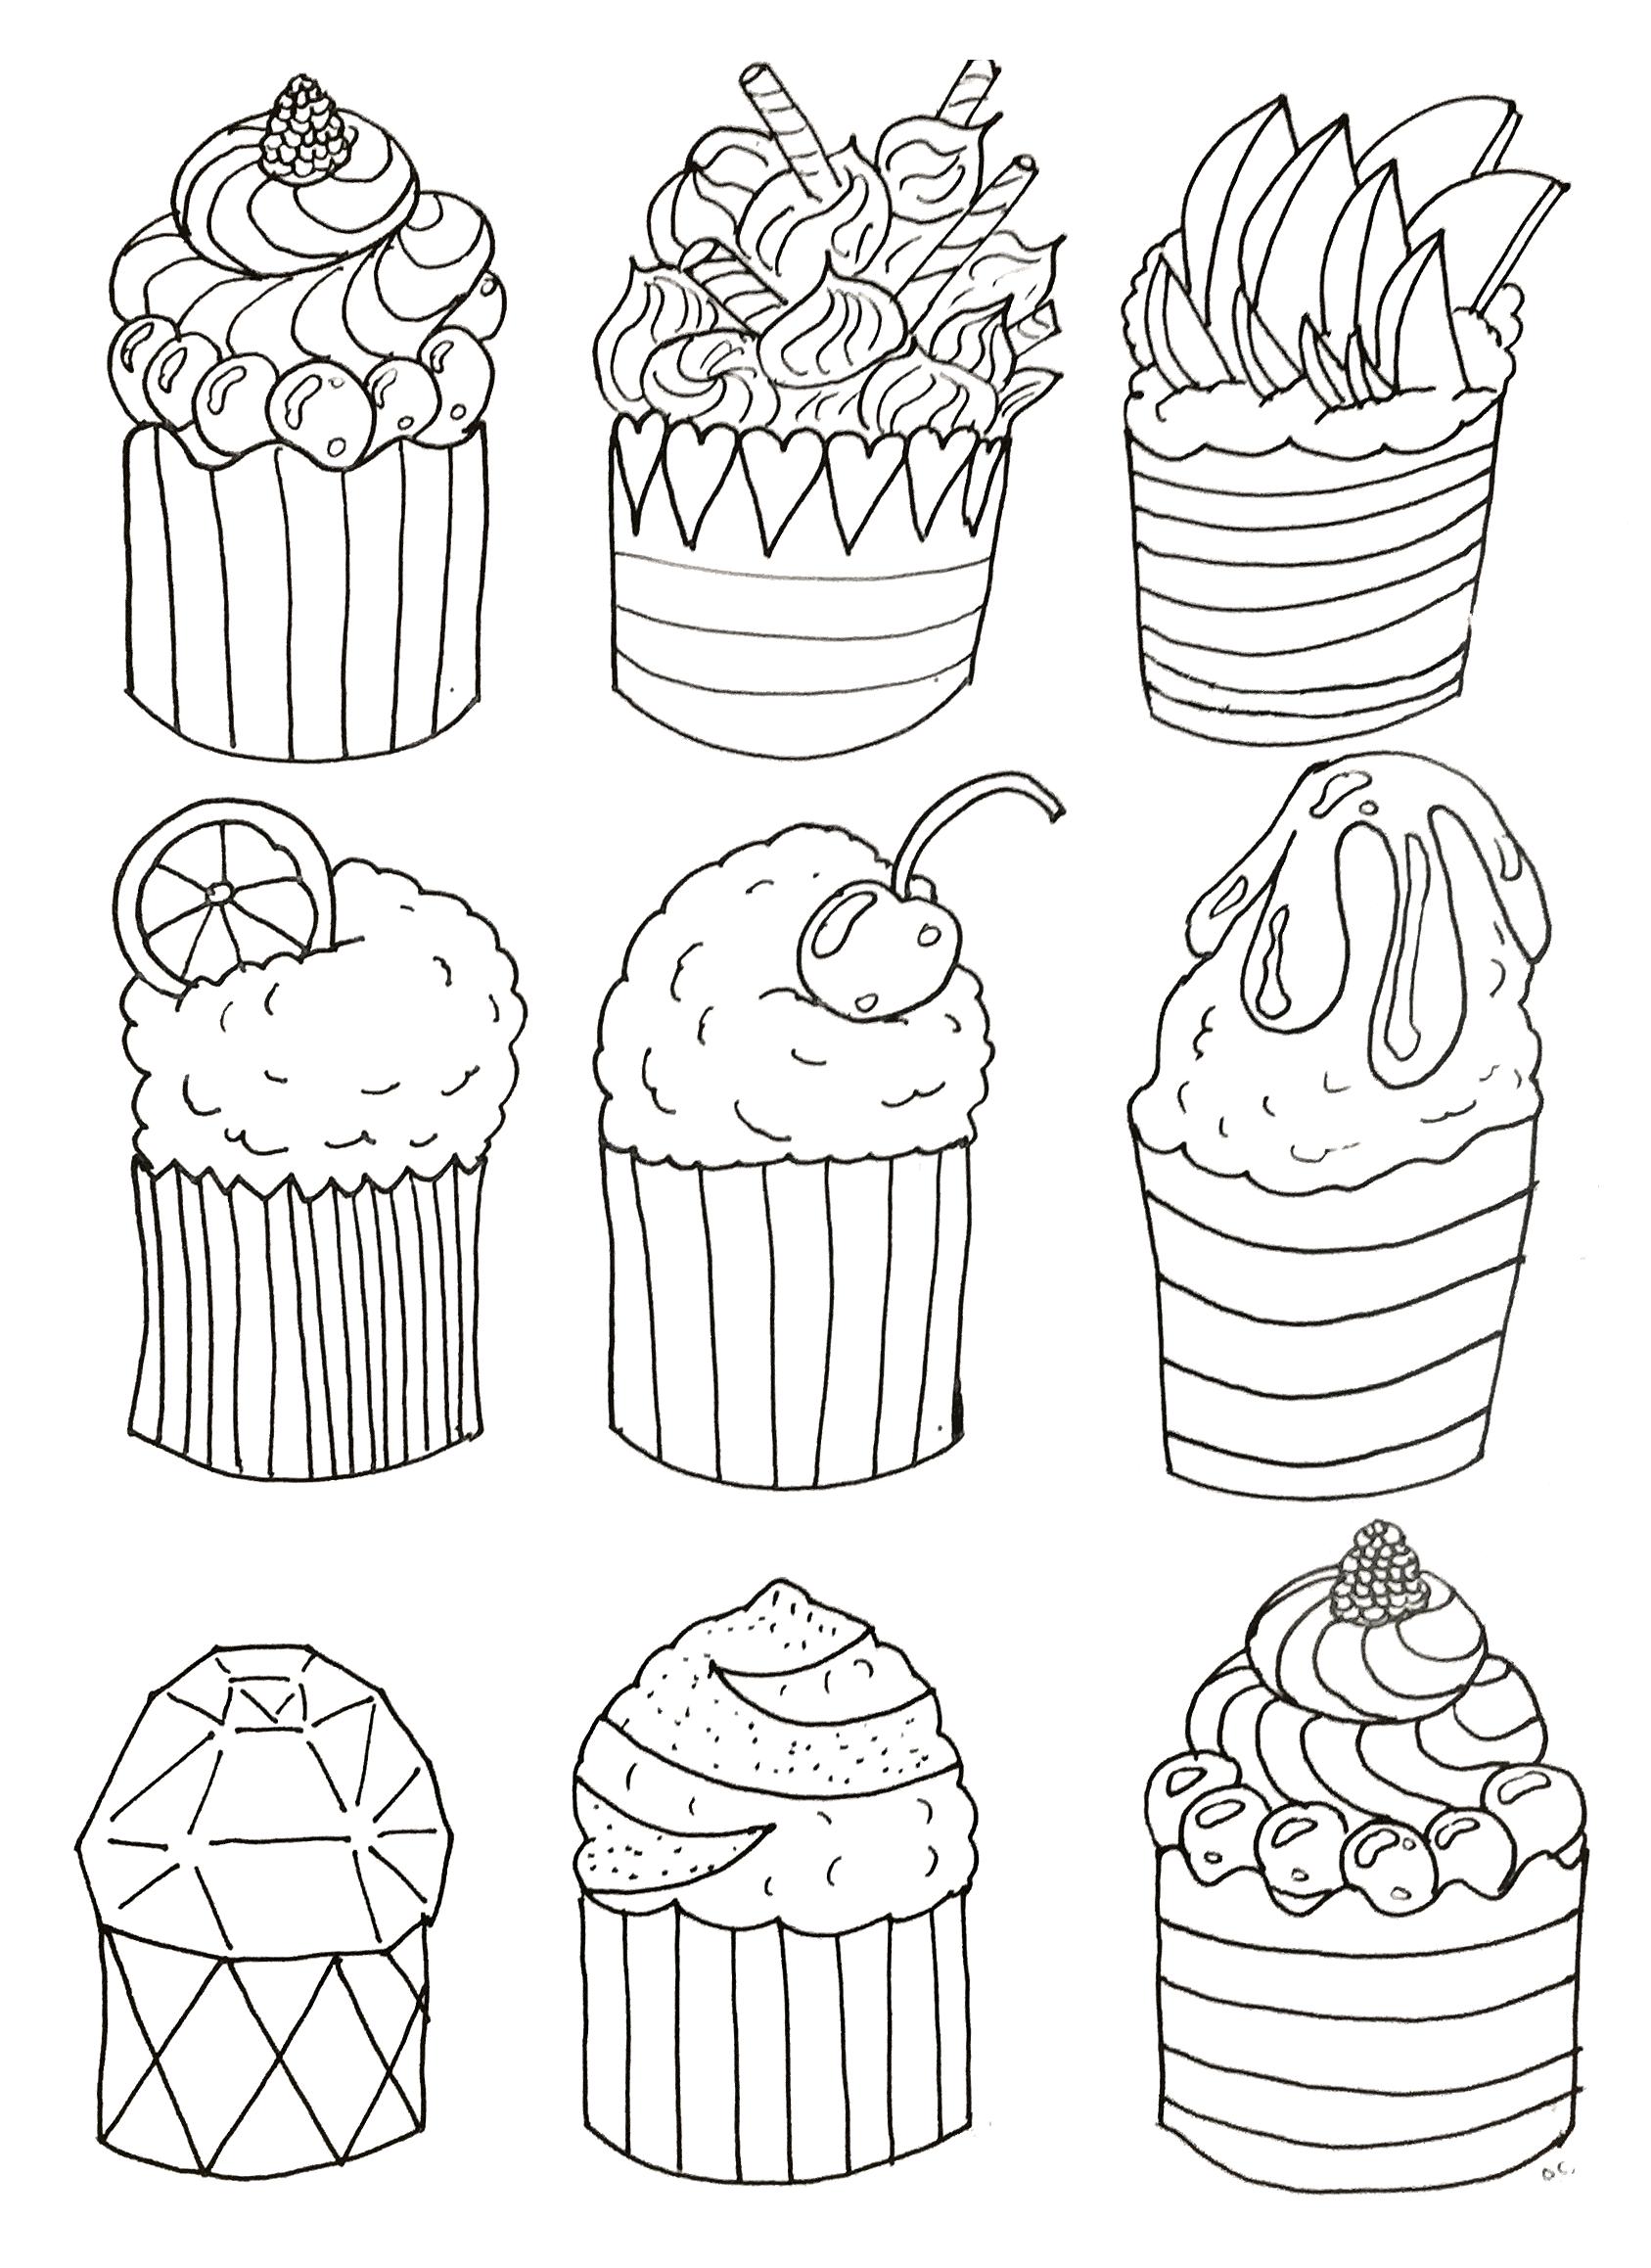 Colorear para adultos  : Cupcakes - 18